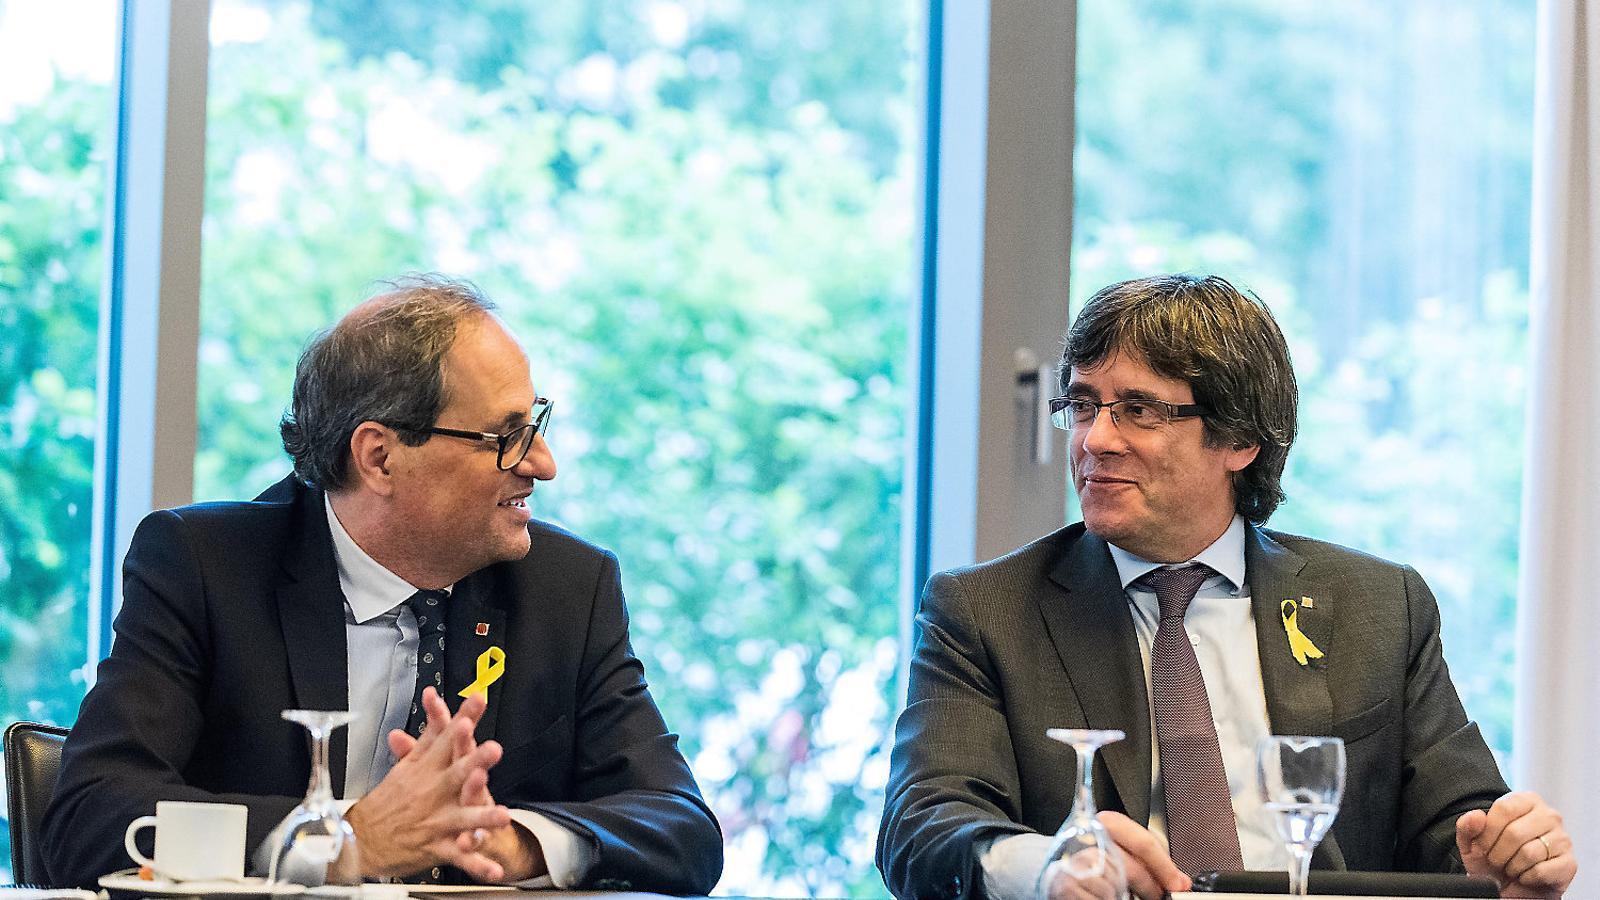 El president de la Generalitat, Quim Torra, i l'expresident Carles Puigdemont es van reunir ahir en un hotel de Berlín per abordar la situació política a Catalunya, que té el principal punt d'interès en la reunió imminent entre Torra i el president espanyol, Pedro Sánchez.